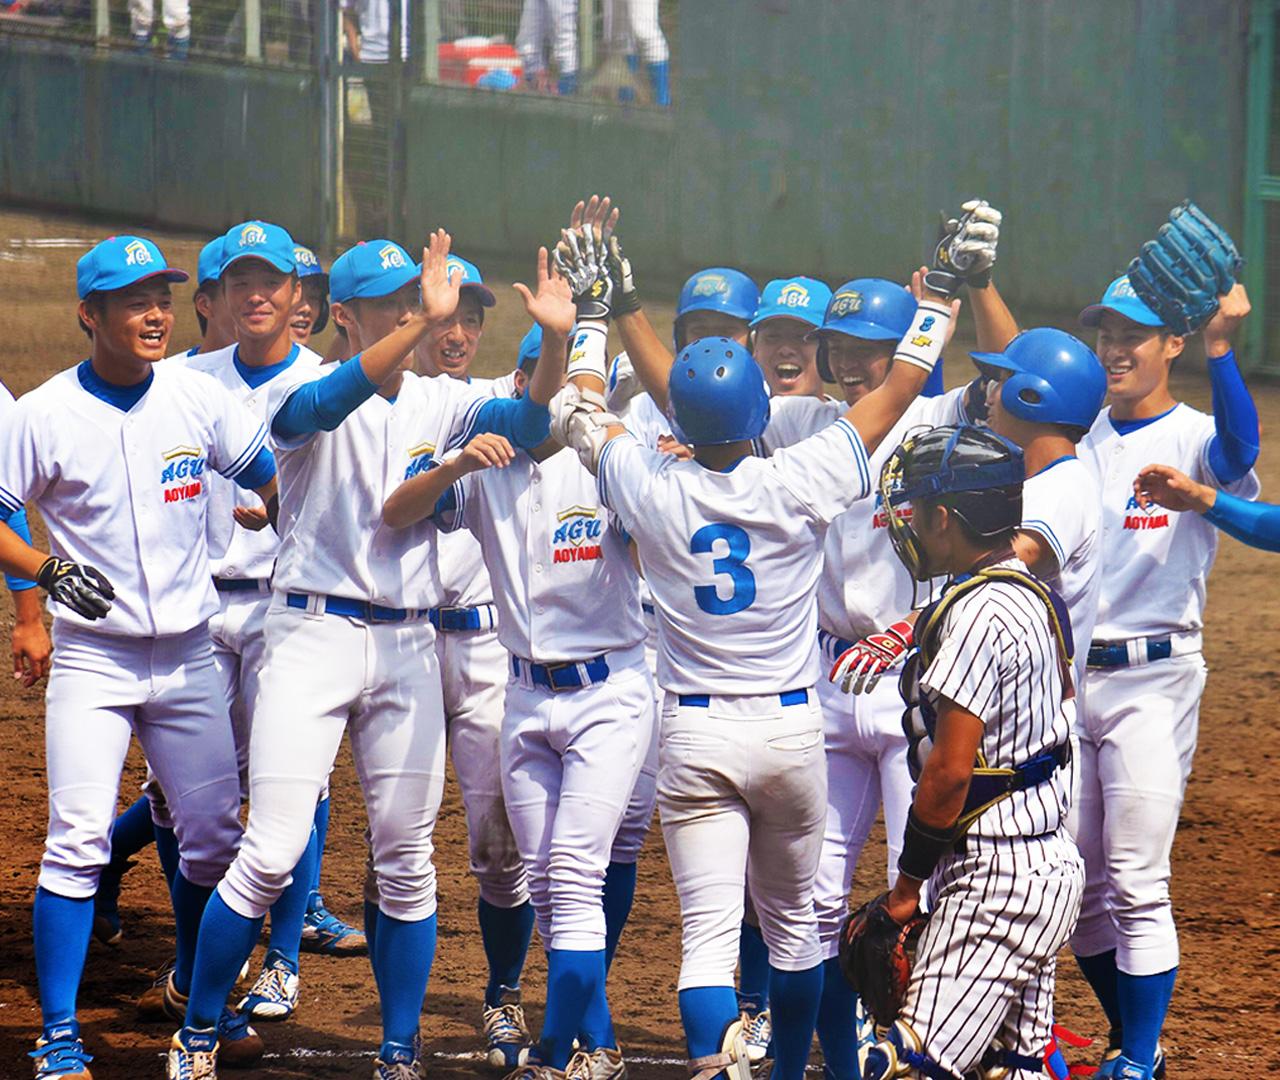 青山学院大学 硬式野球部 写真4